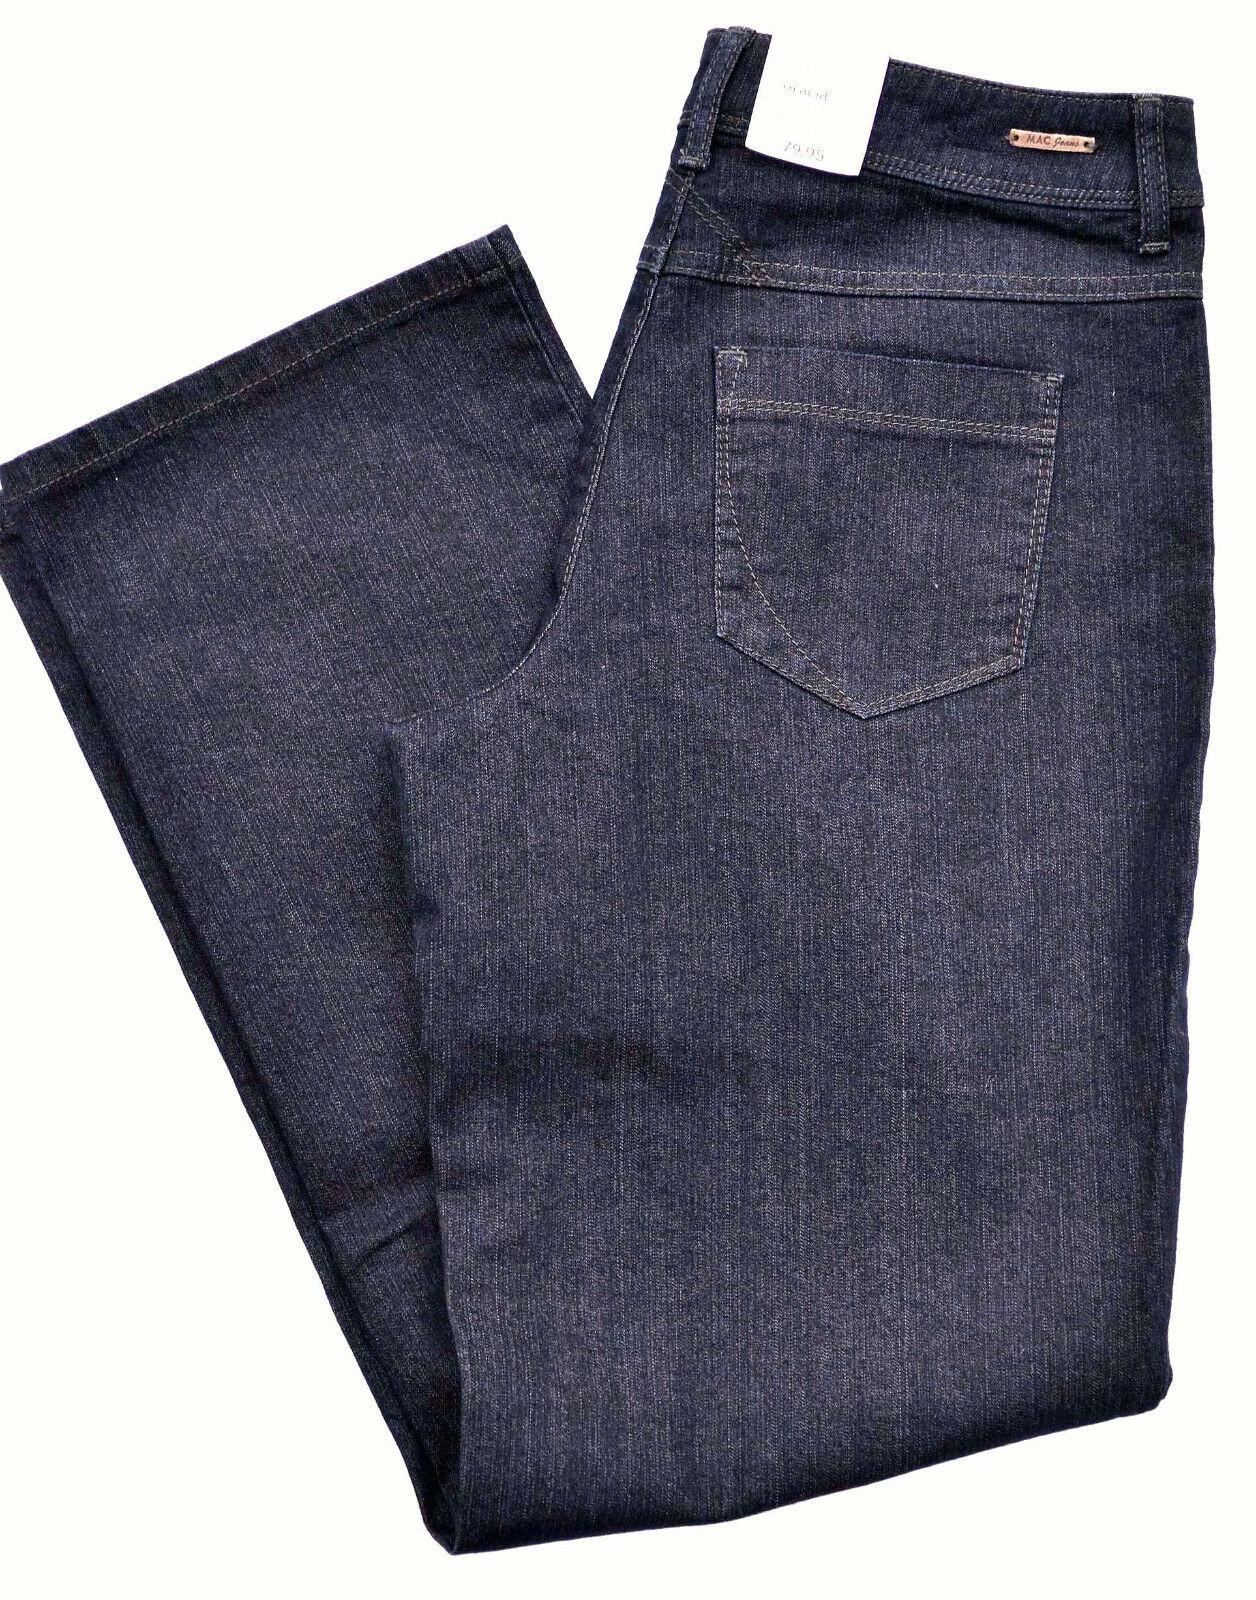 Mac Jeans GRACIA Blau denim stretch foncé Blau Comfort Loose Fit Neuf